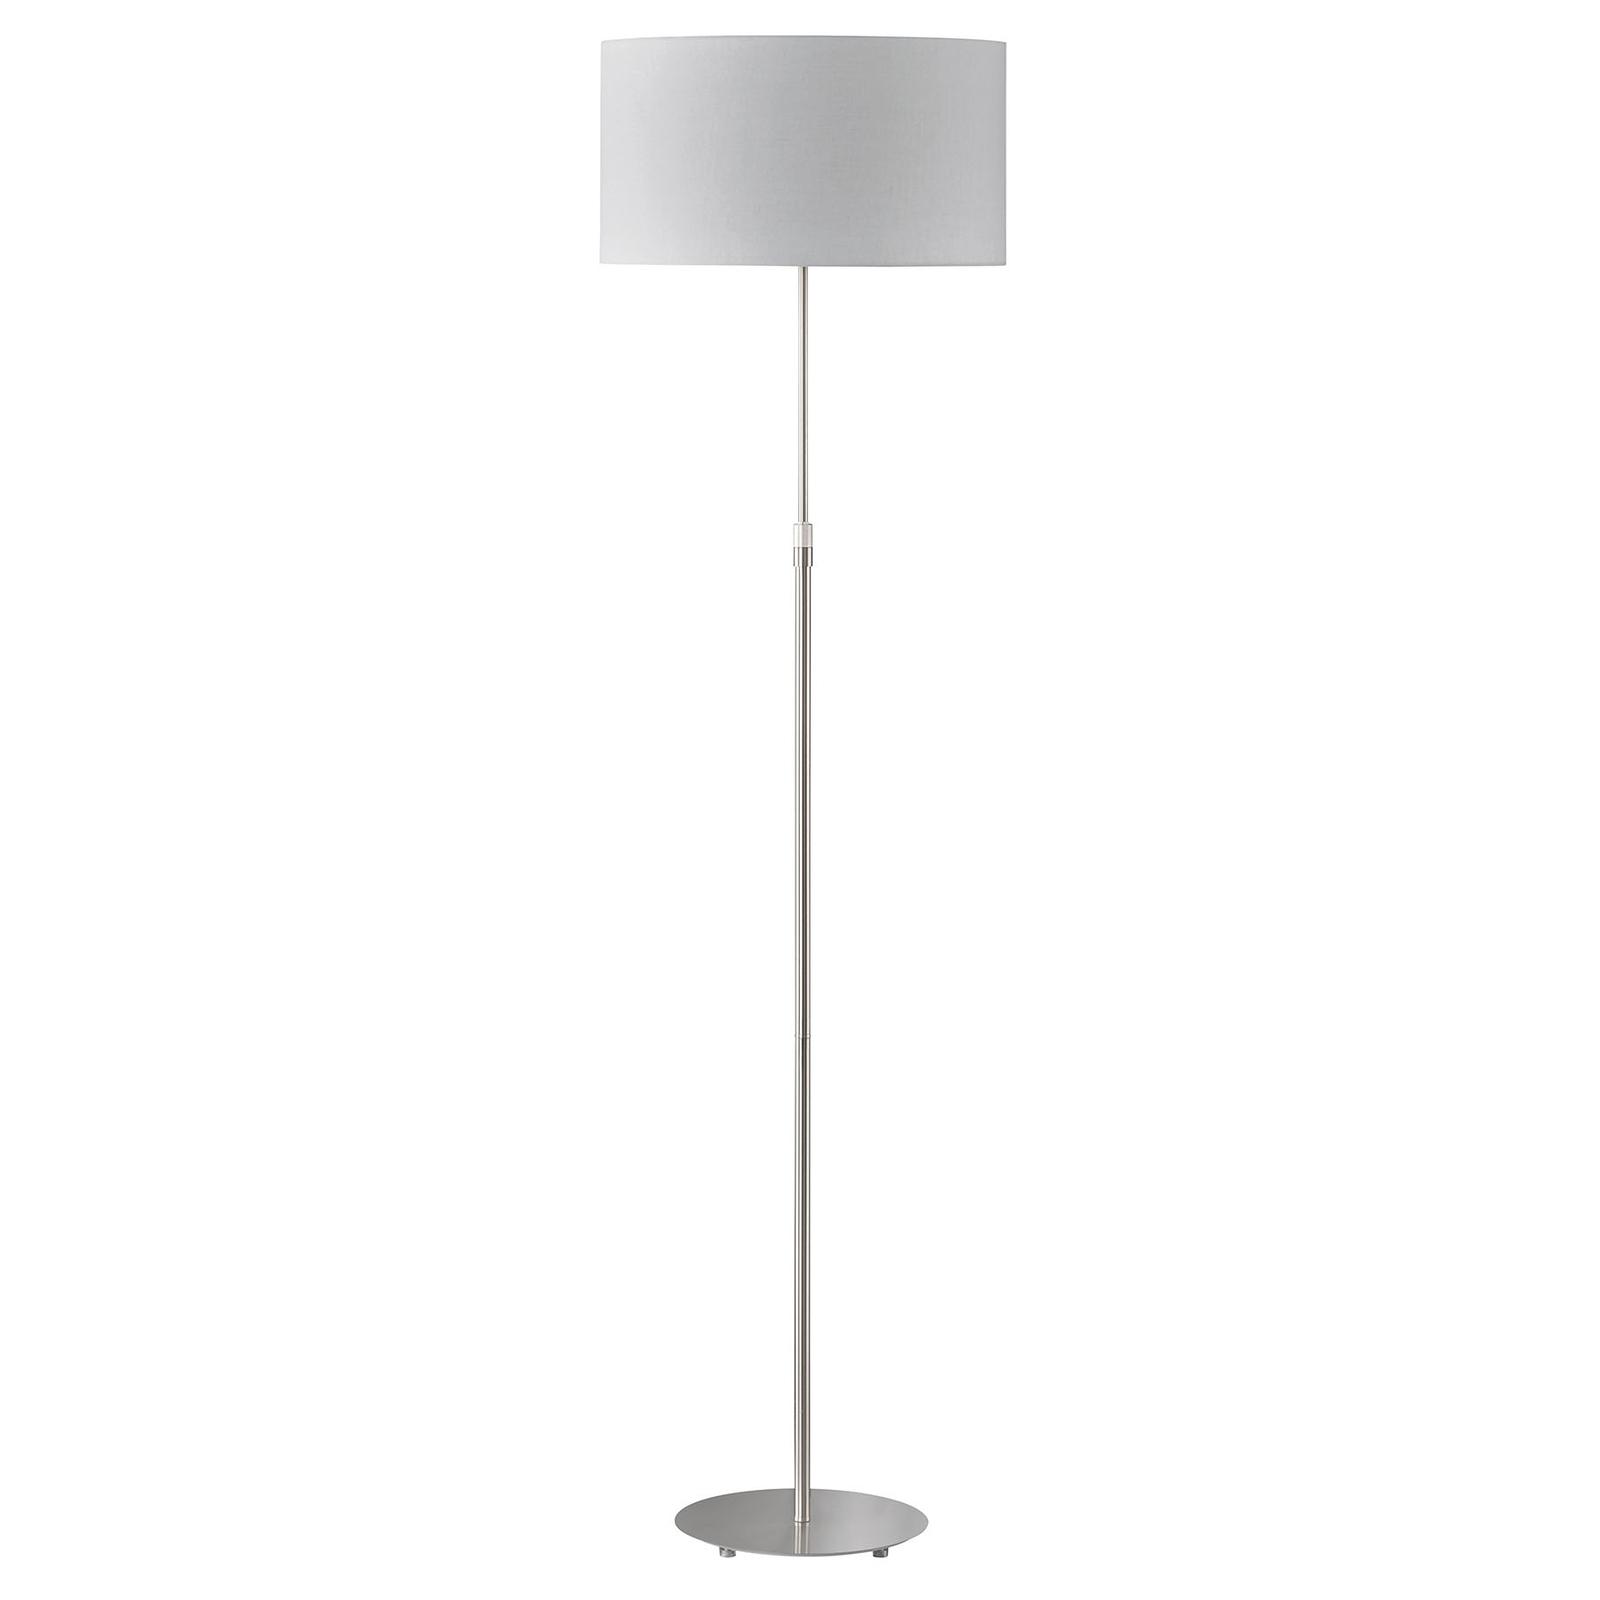 Schöner Wohnen Pina lampadaire gris clair